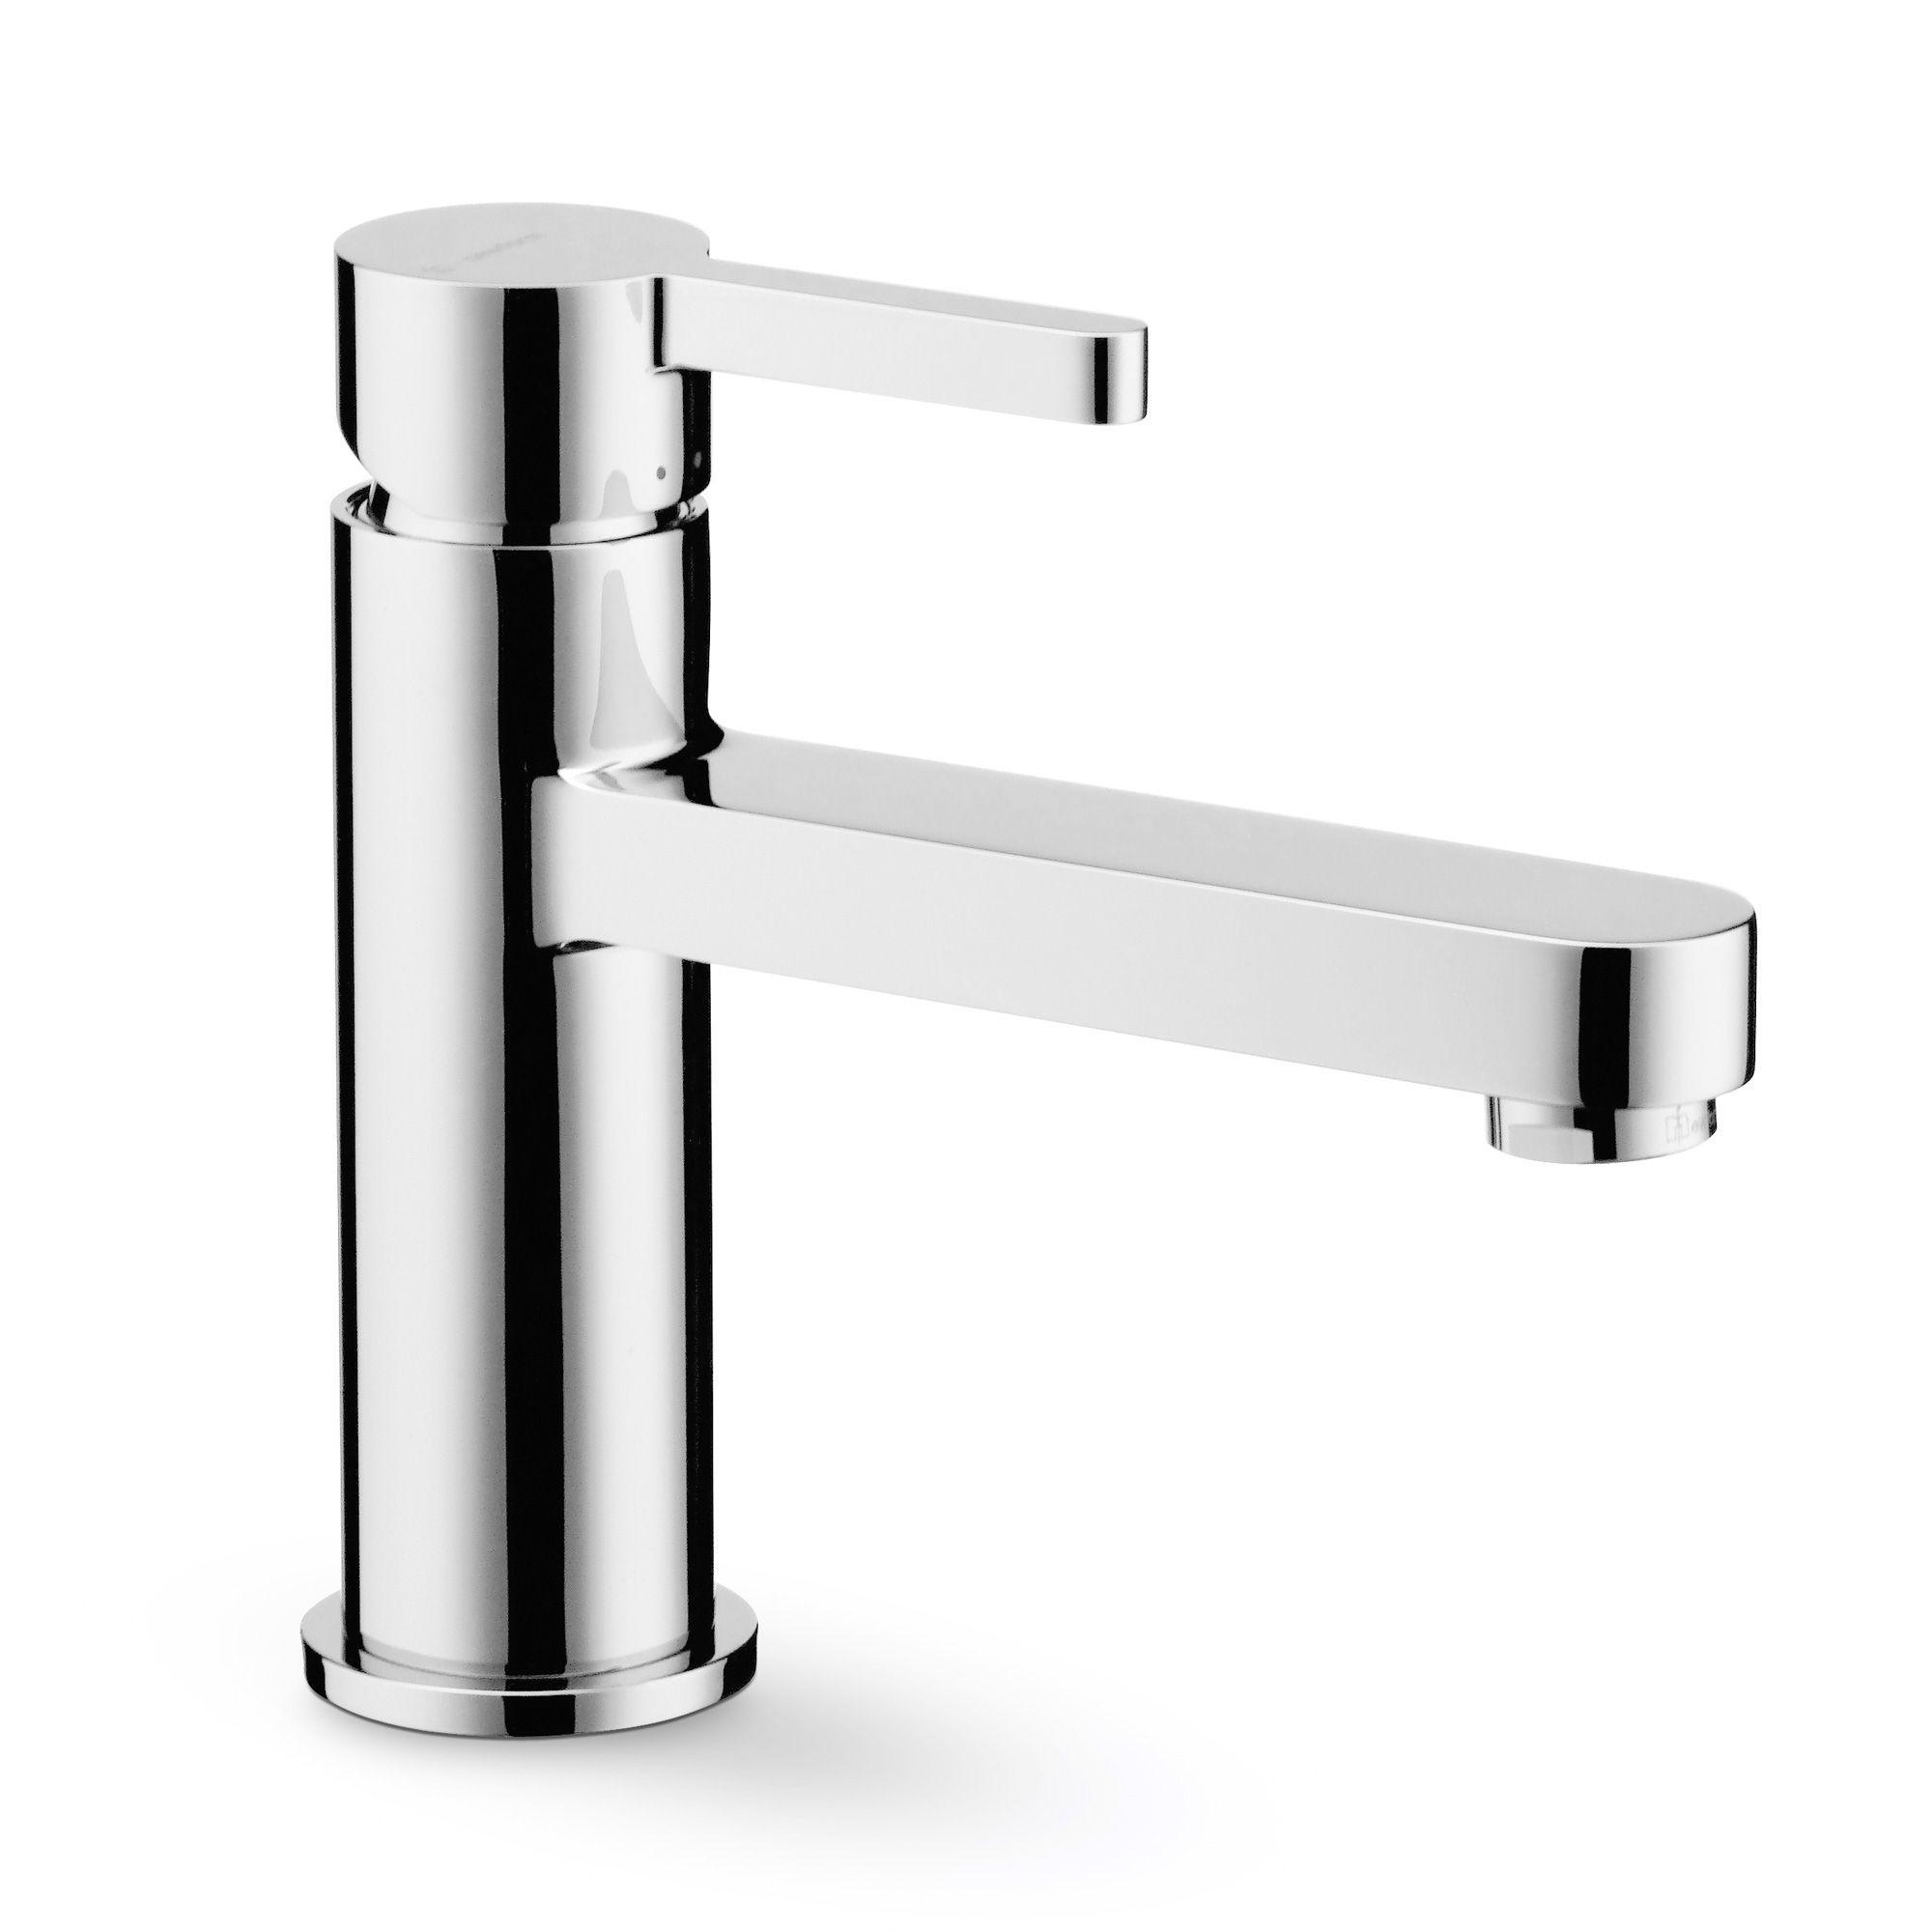 newform ergo 65812 single lever basin mixer without pop-up waste set ...